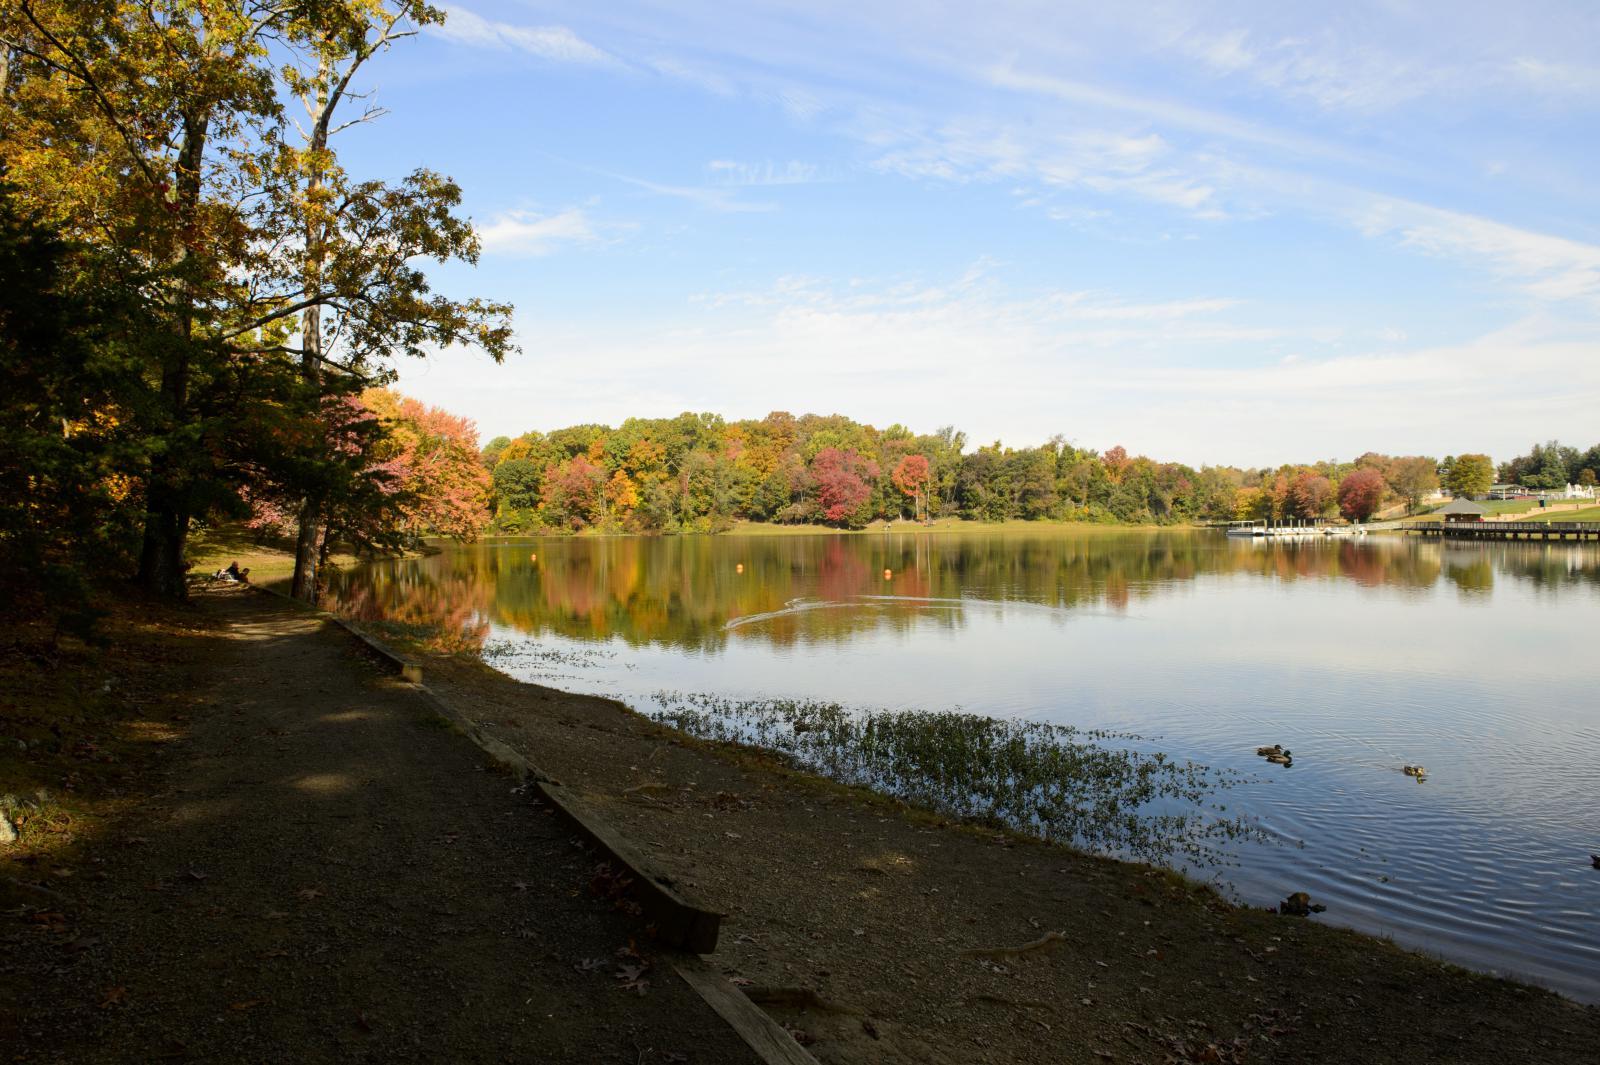 Lake Fairfax Park Park Authority